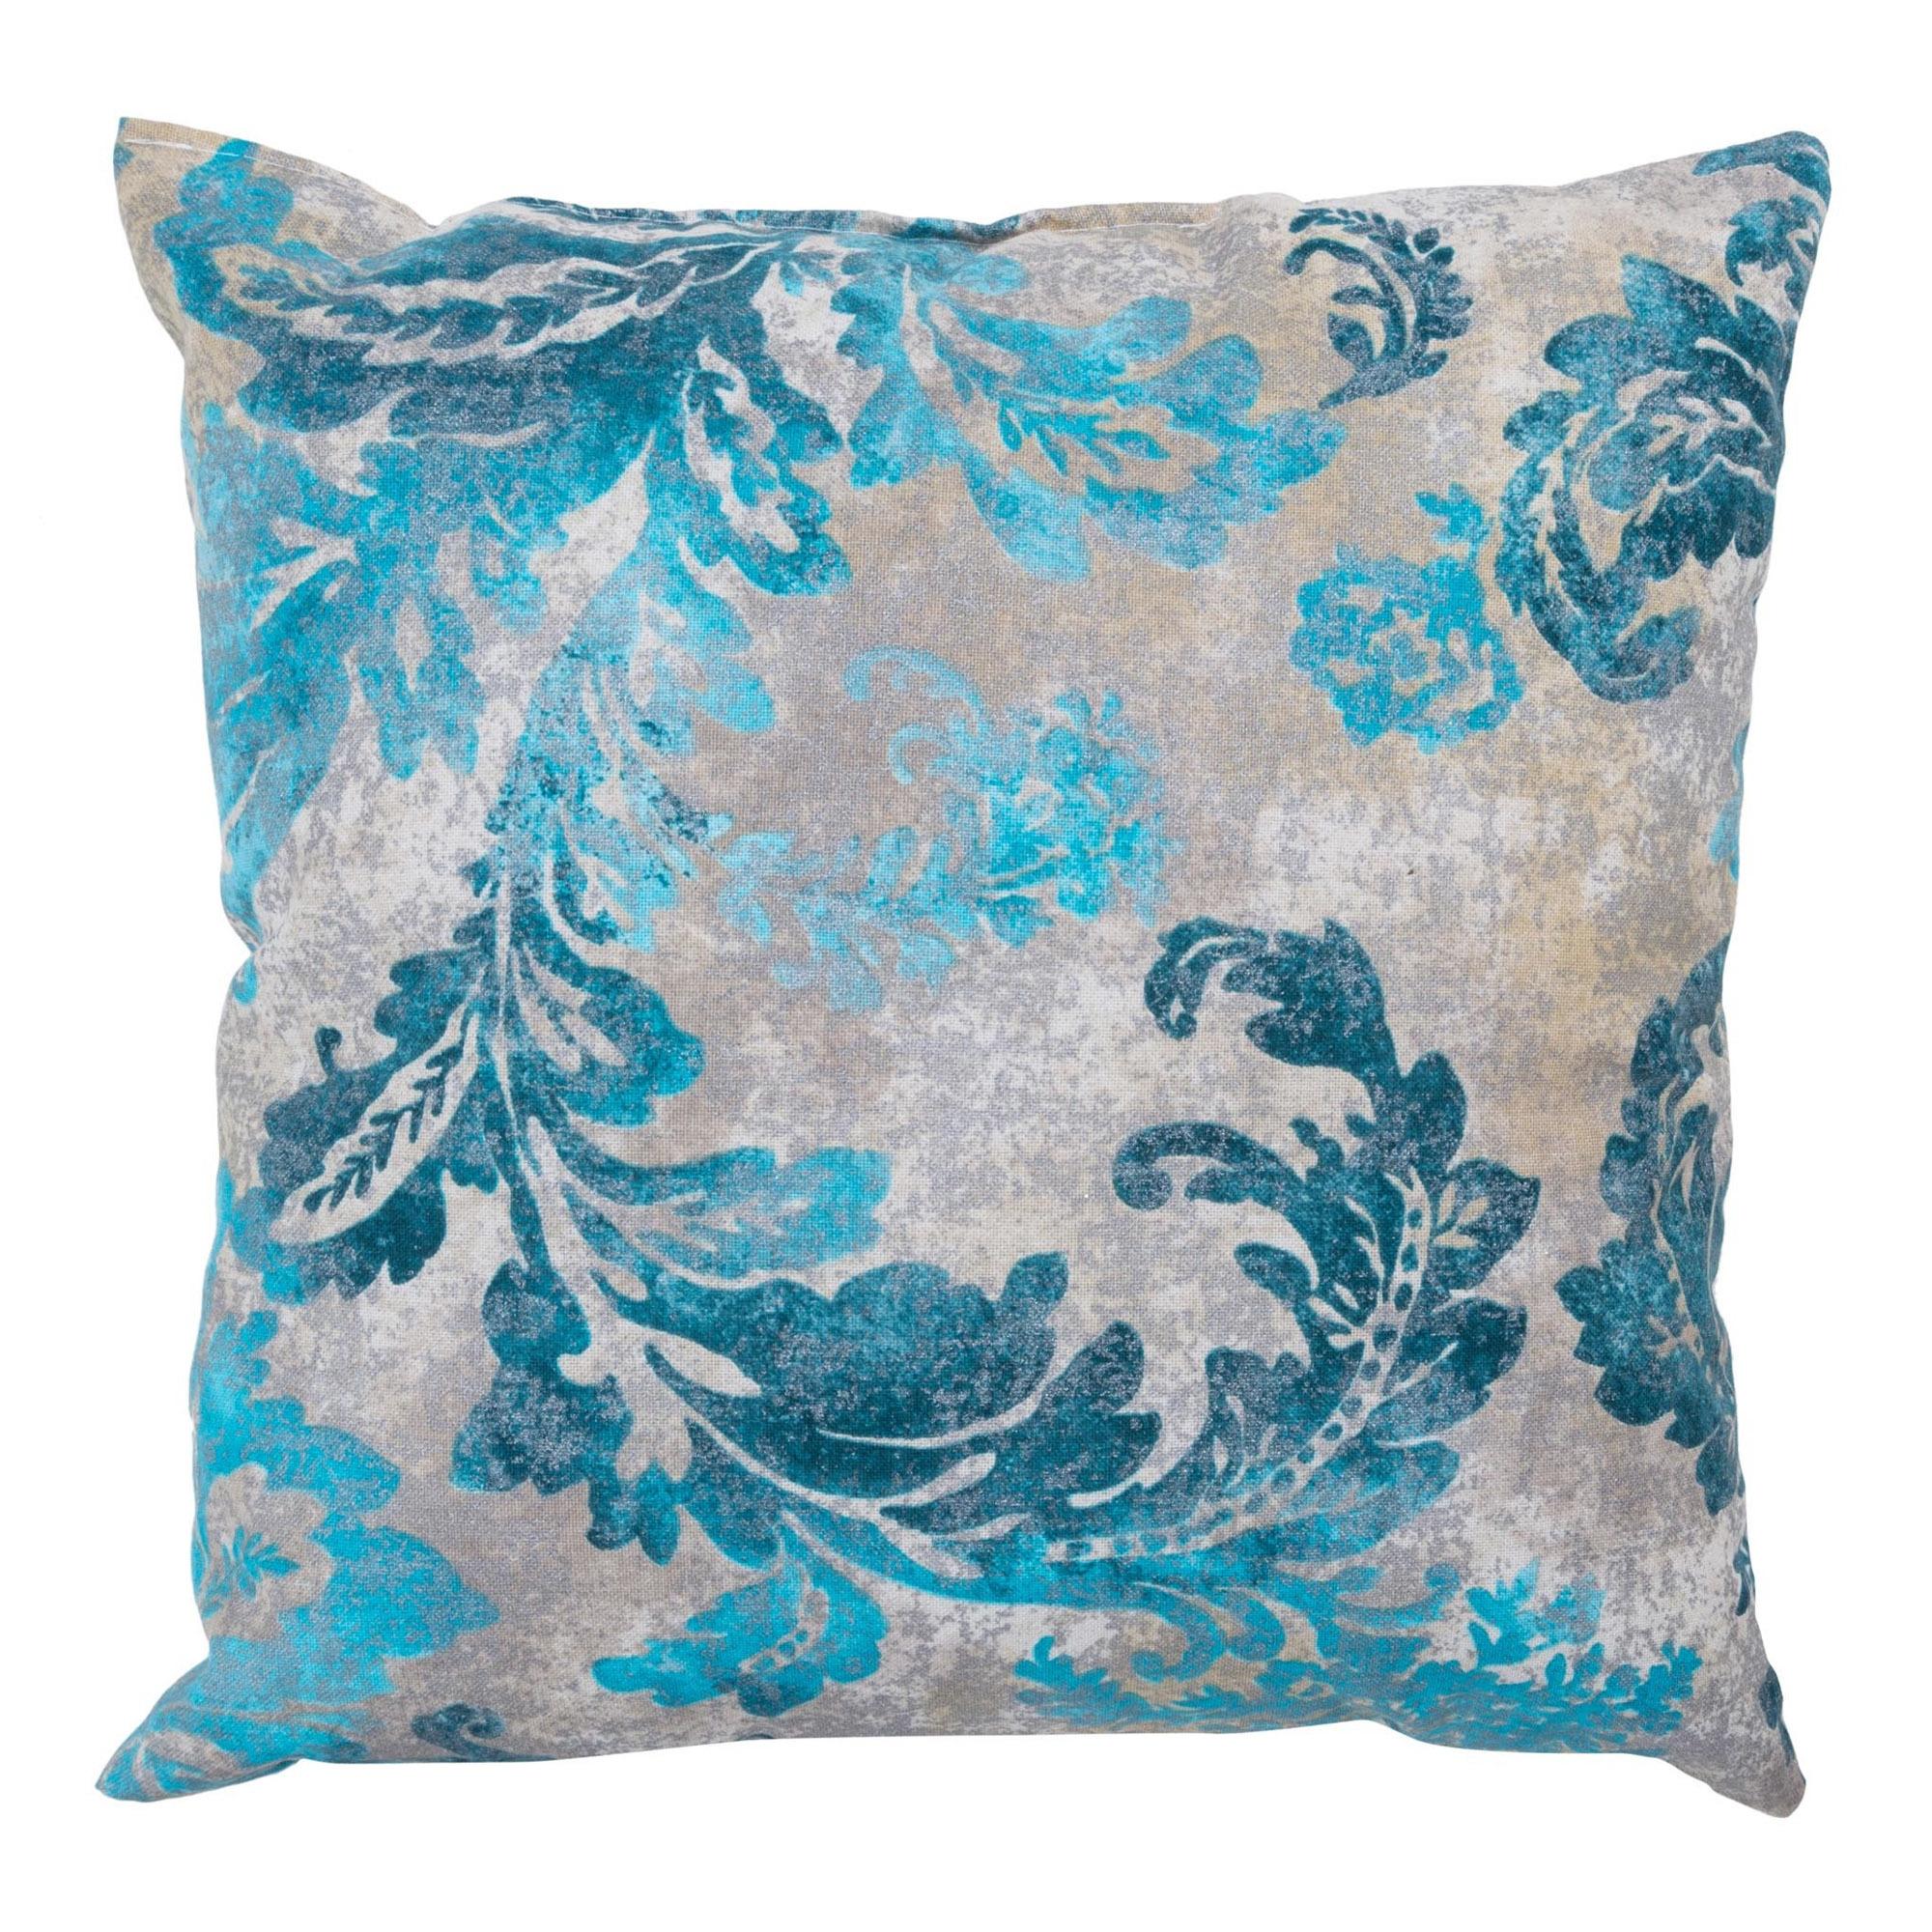 Poduszka Dekoracyjna Glamour Liście 45x45 Cm Salony Agata